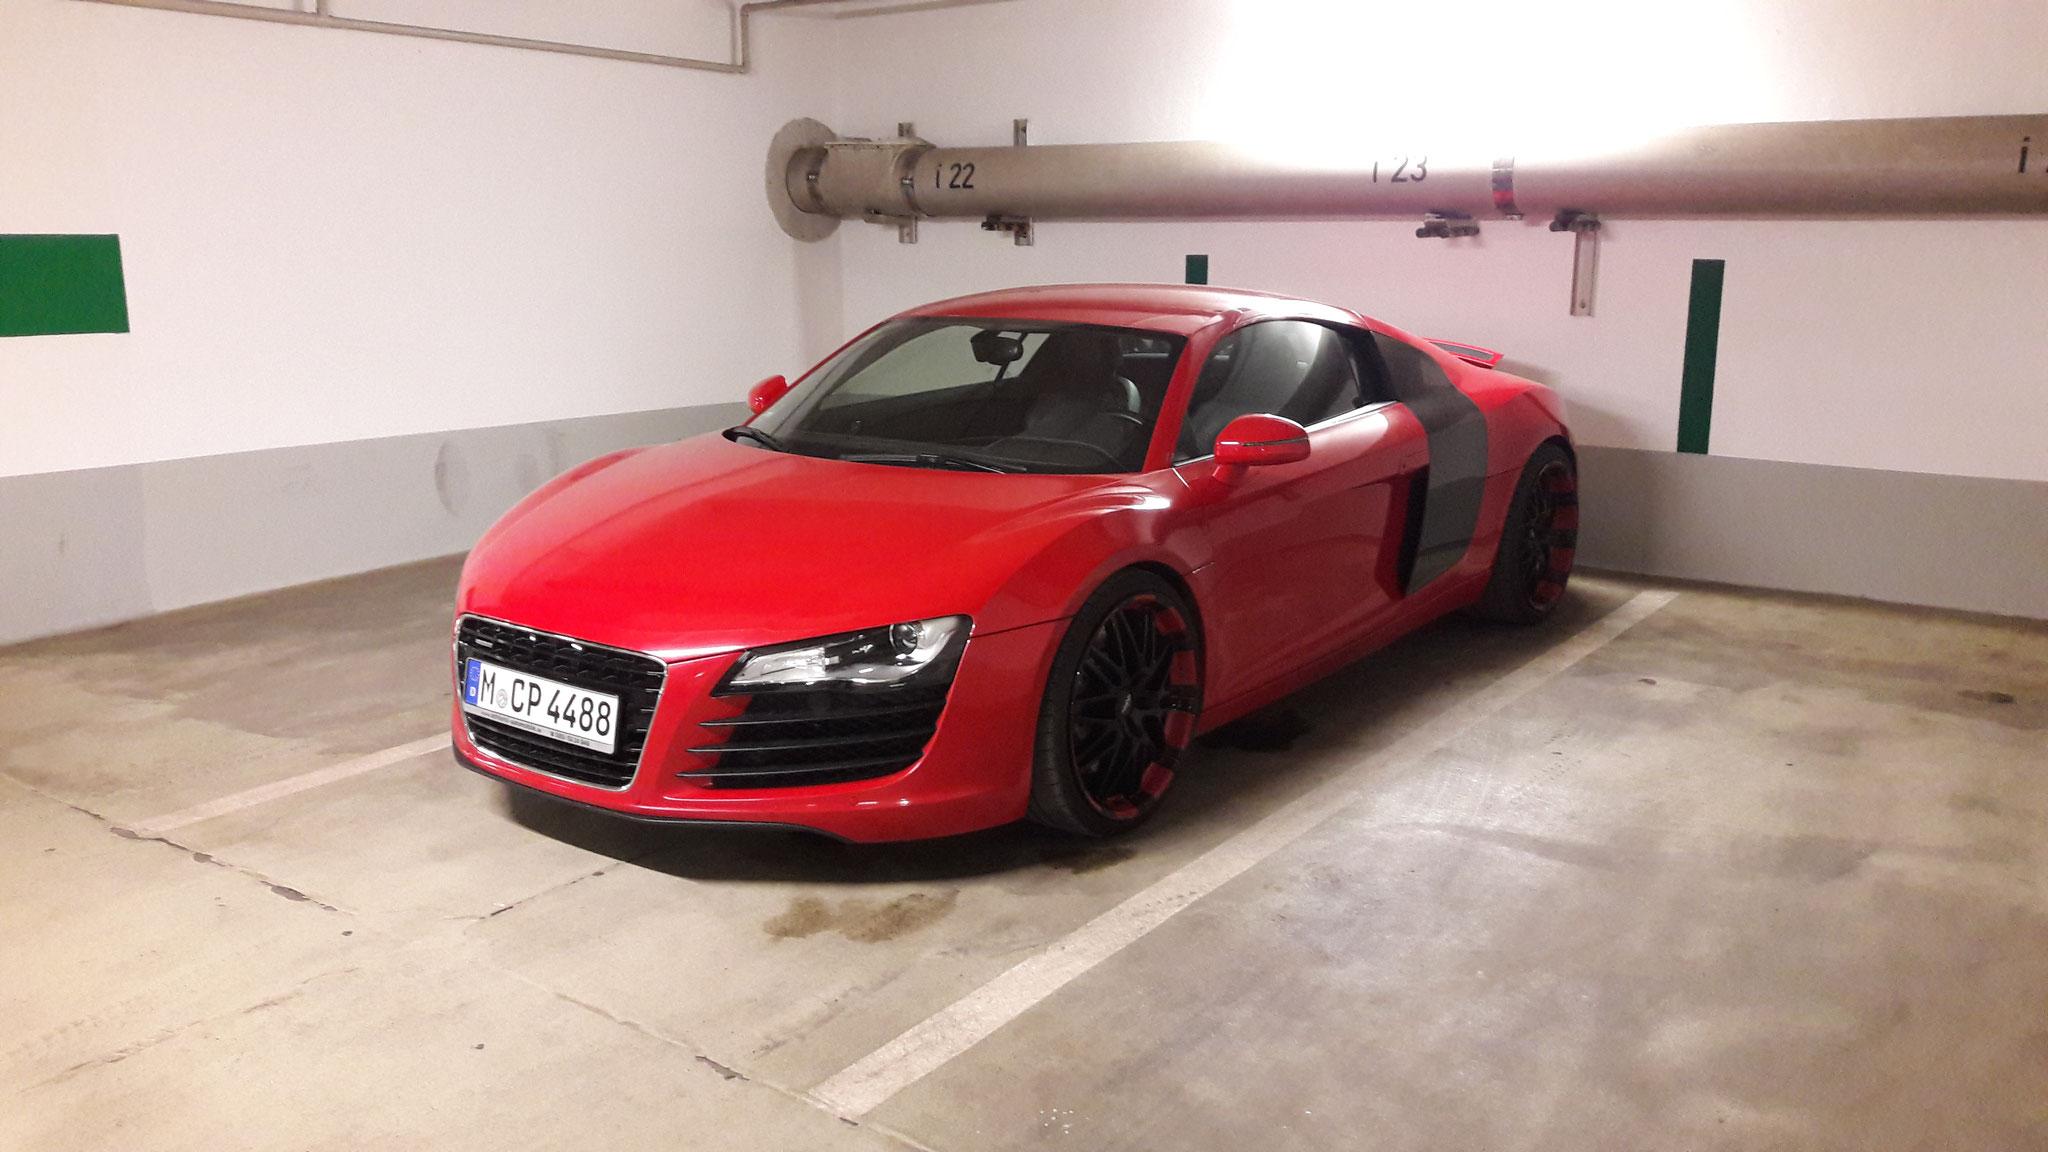 Audi R8 - M-CP-4488